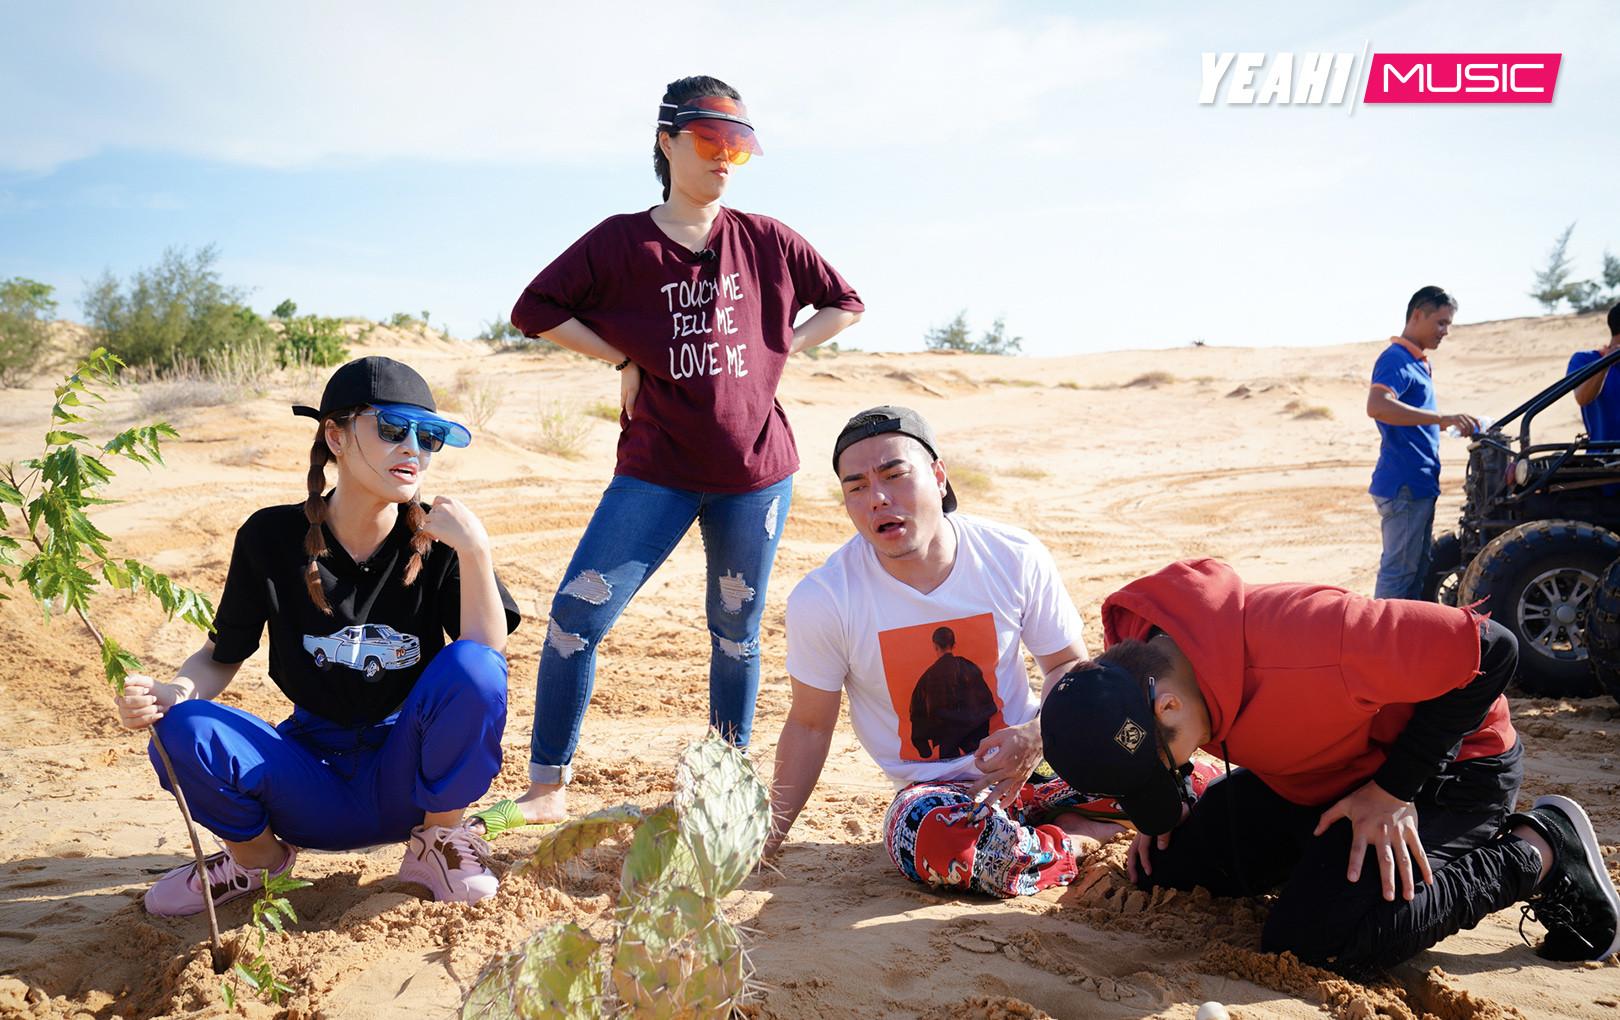 Dương Lâm, Puka khóc lóc sợ hãi, Gin Tuấn Kiệt ói ngay tại chỗ khi  trải nghiệm xe vượt địa hình